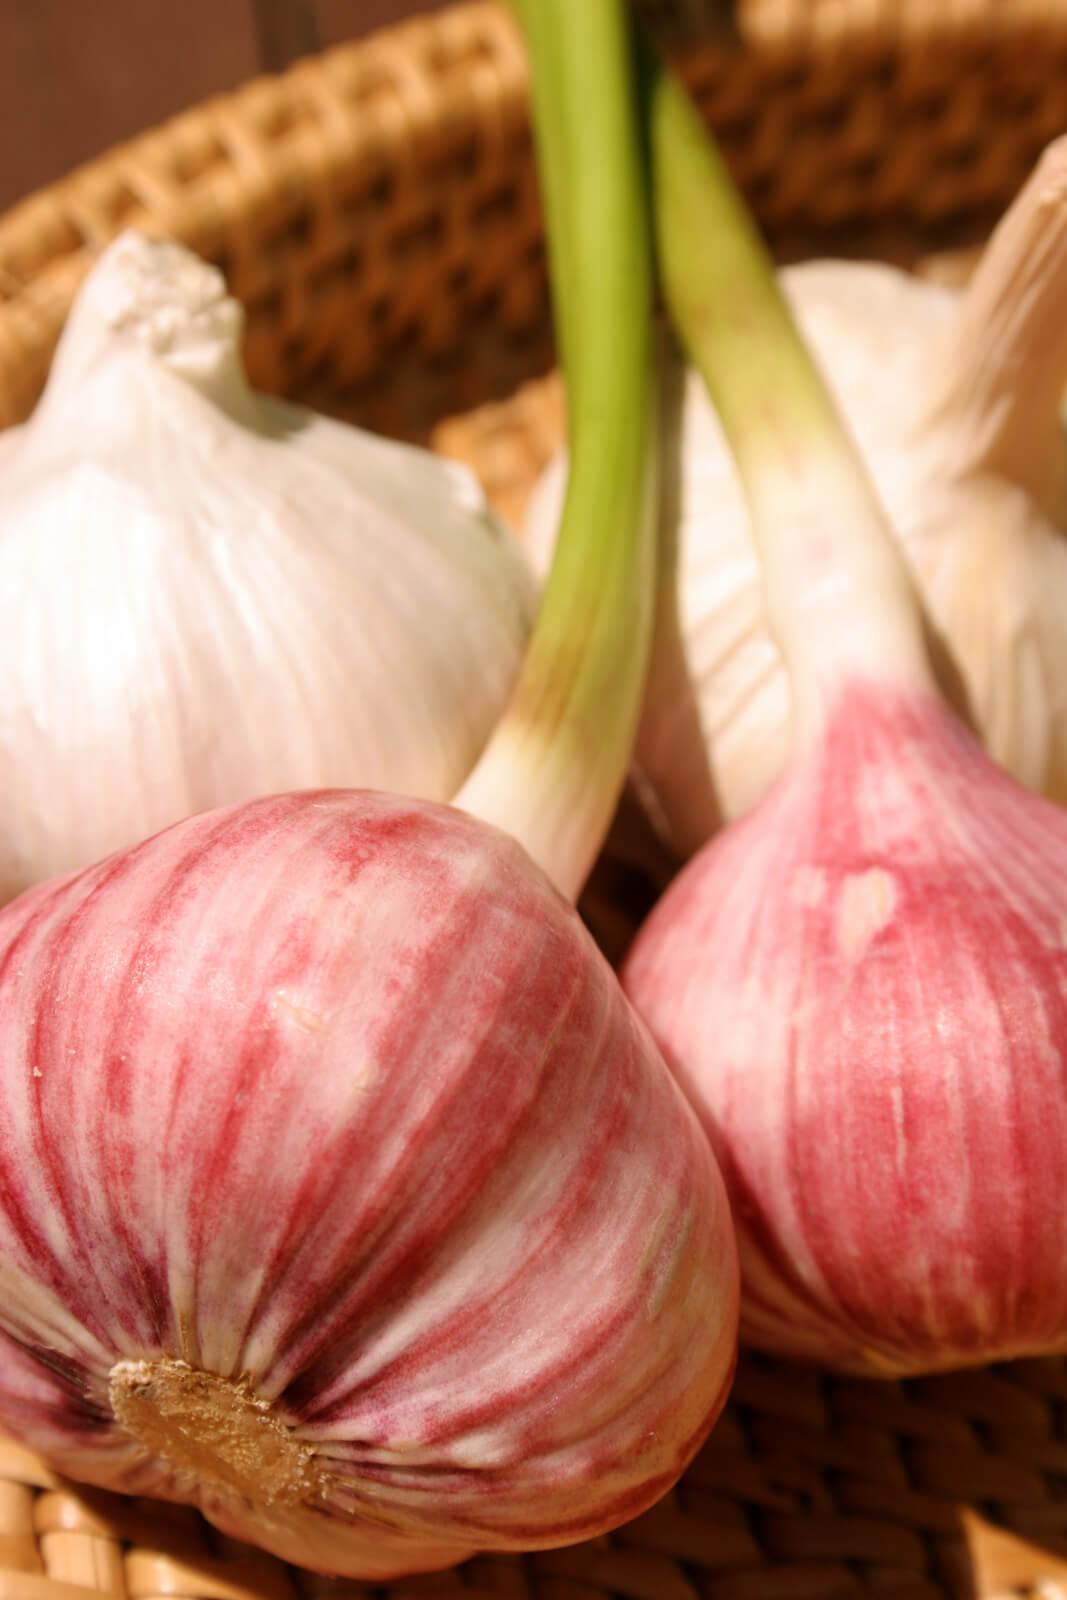 Fresh and Dried Garlic